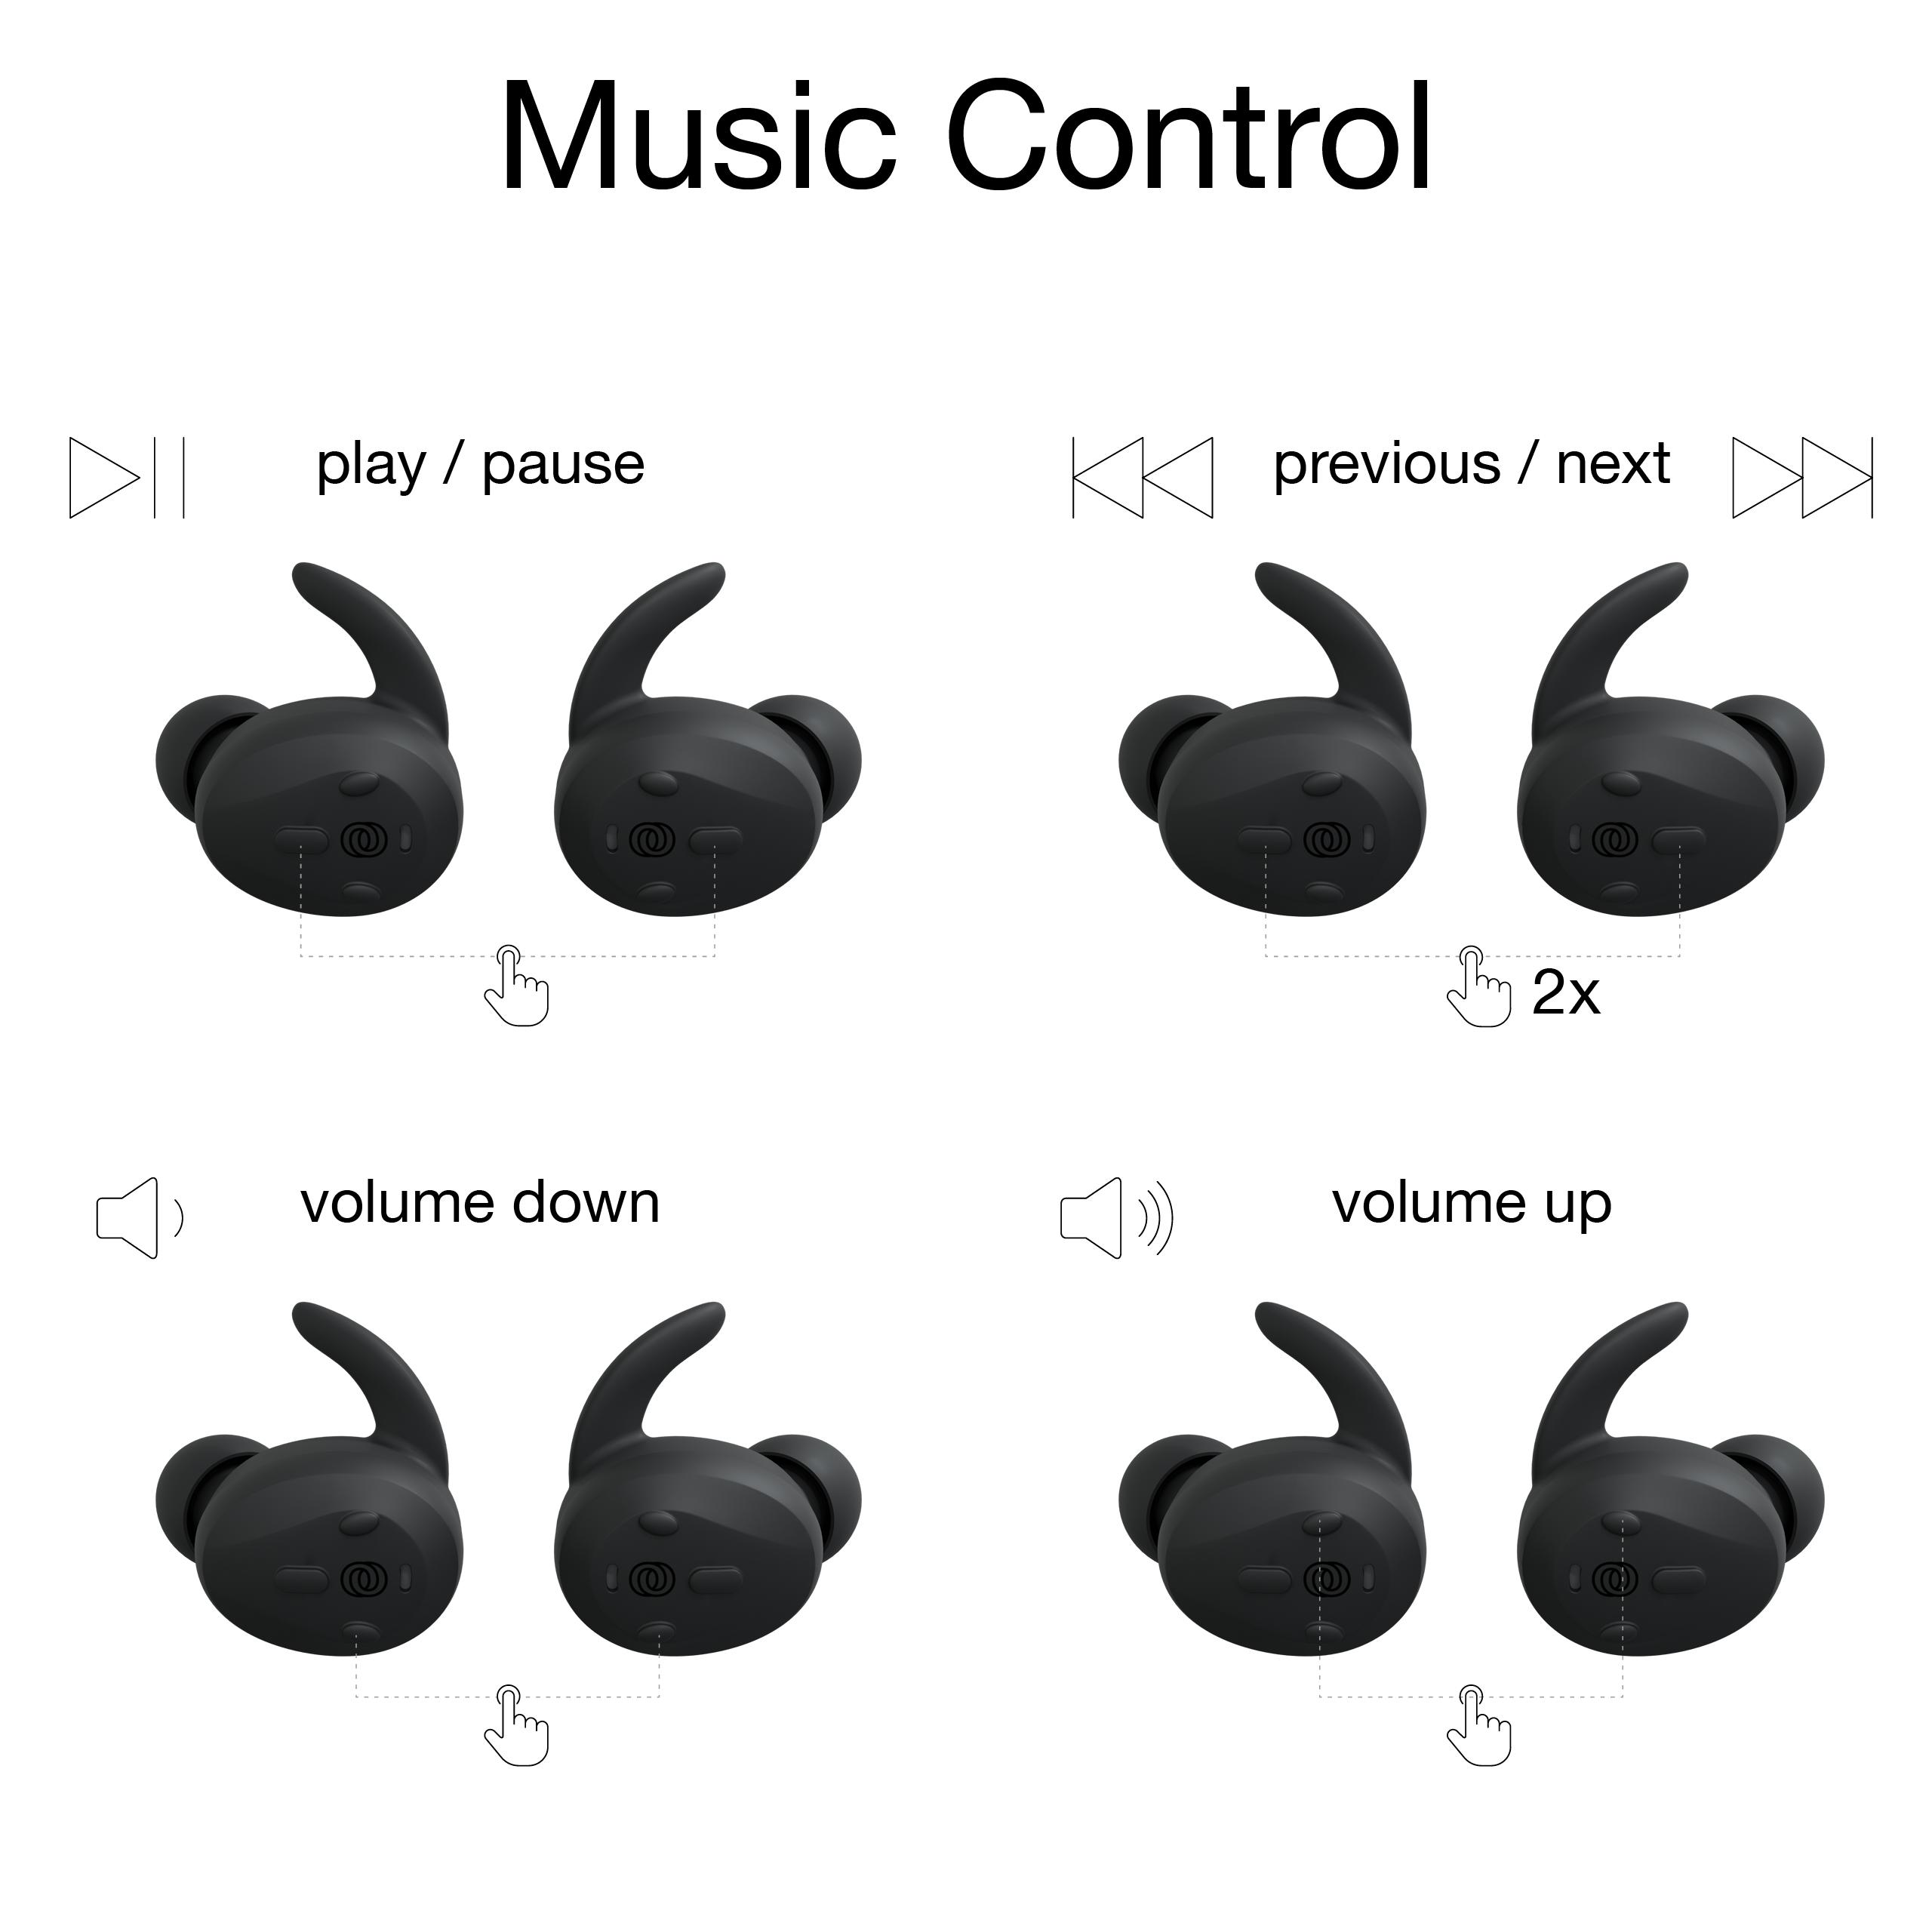 functie-uitleg-bedieningspaneel-Thone-draadloze-oordop-muziekspeler-zwart